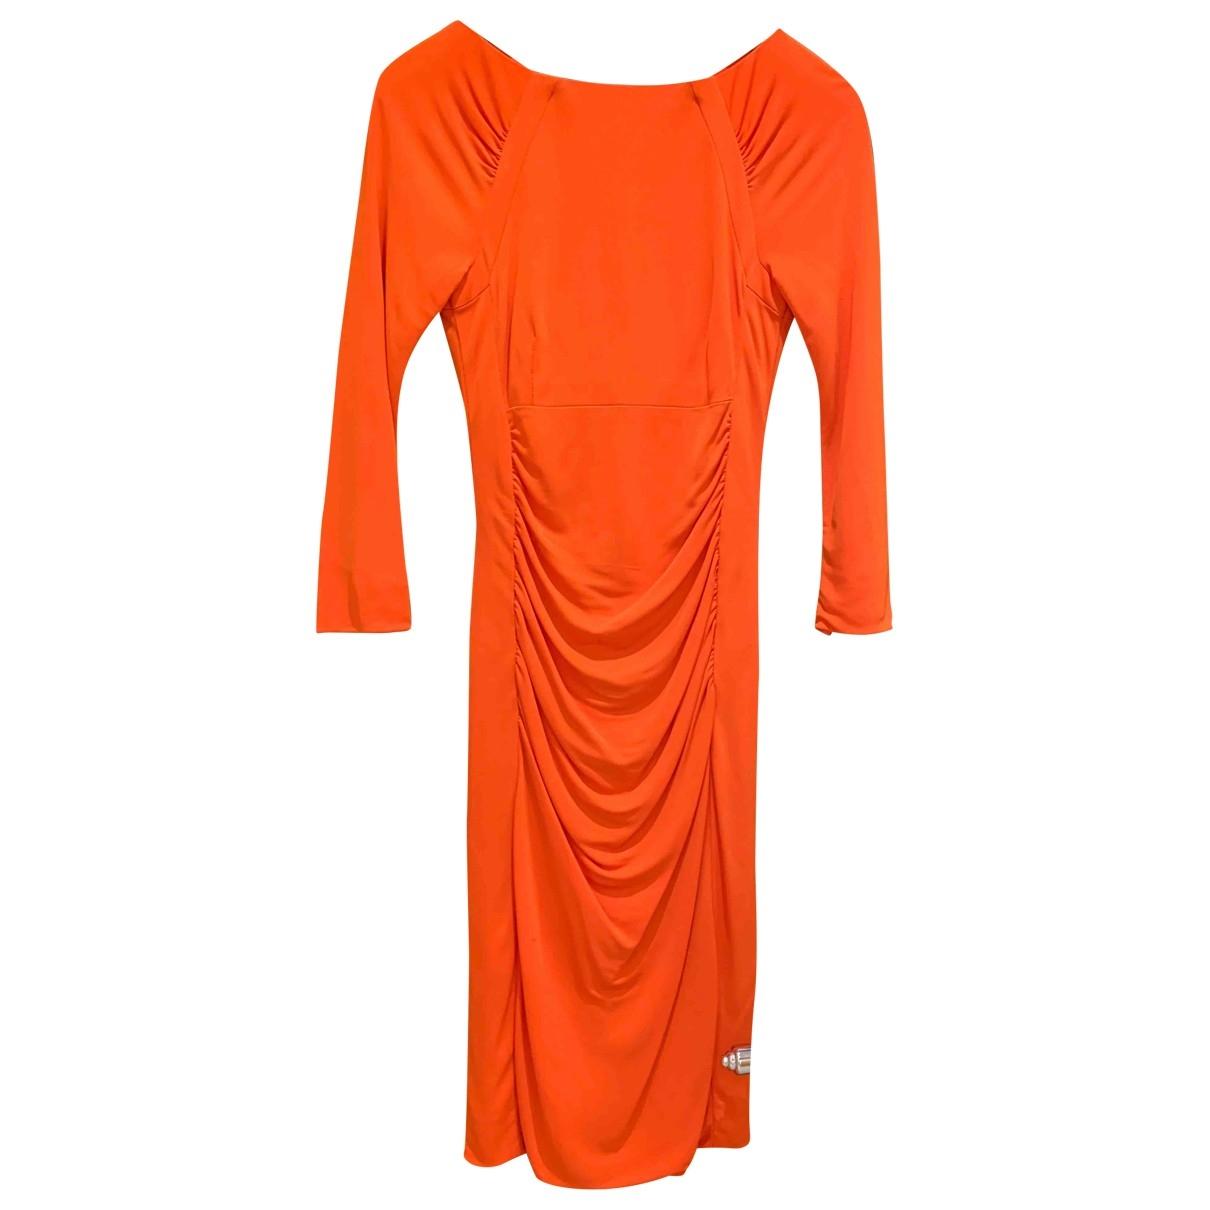 Karen Millen \N Orange dress for Women 8 UK